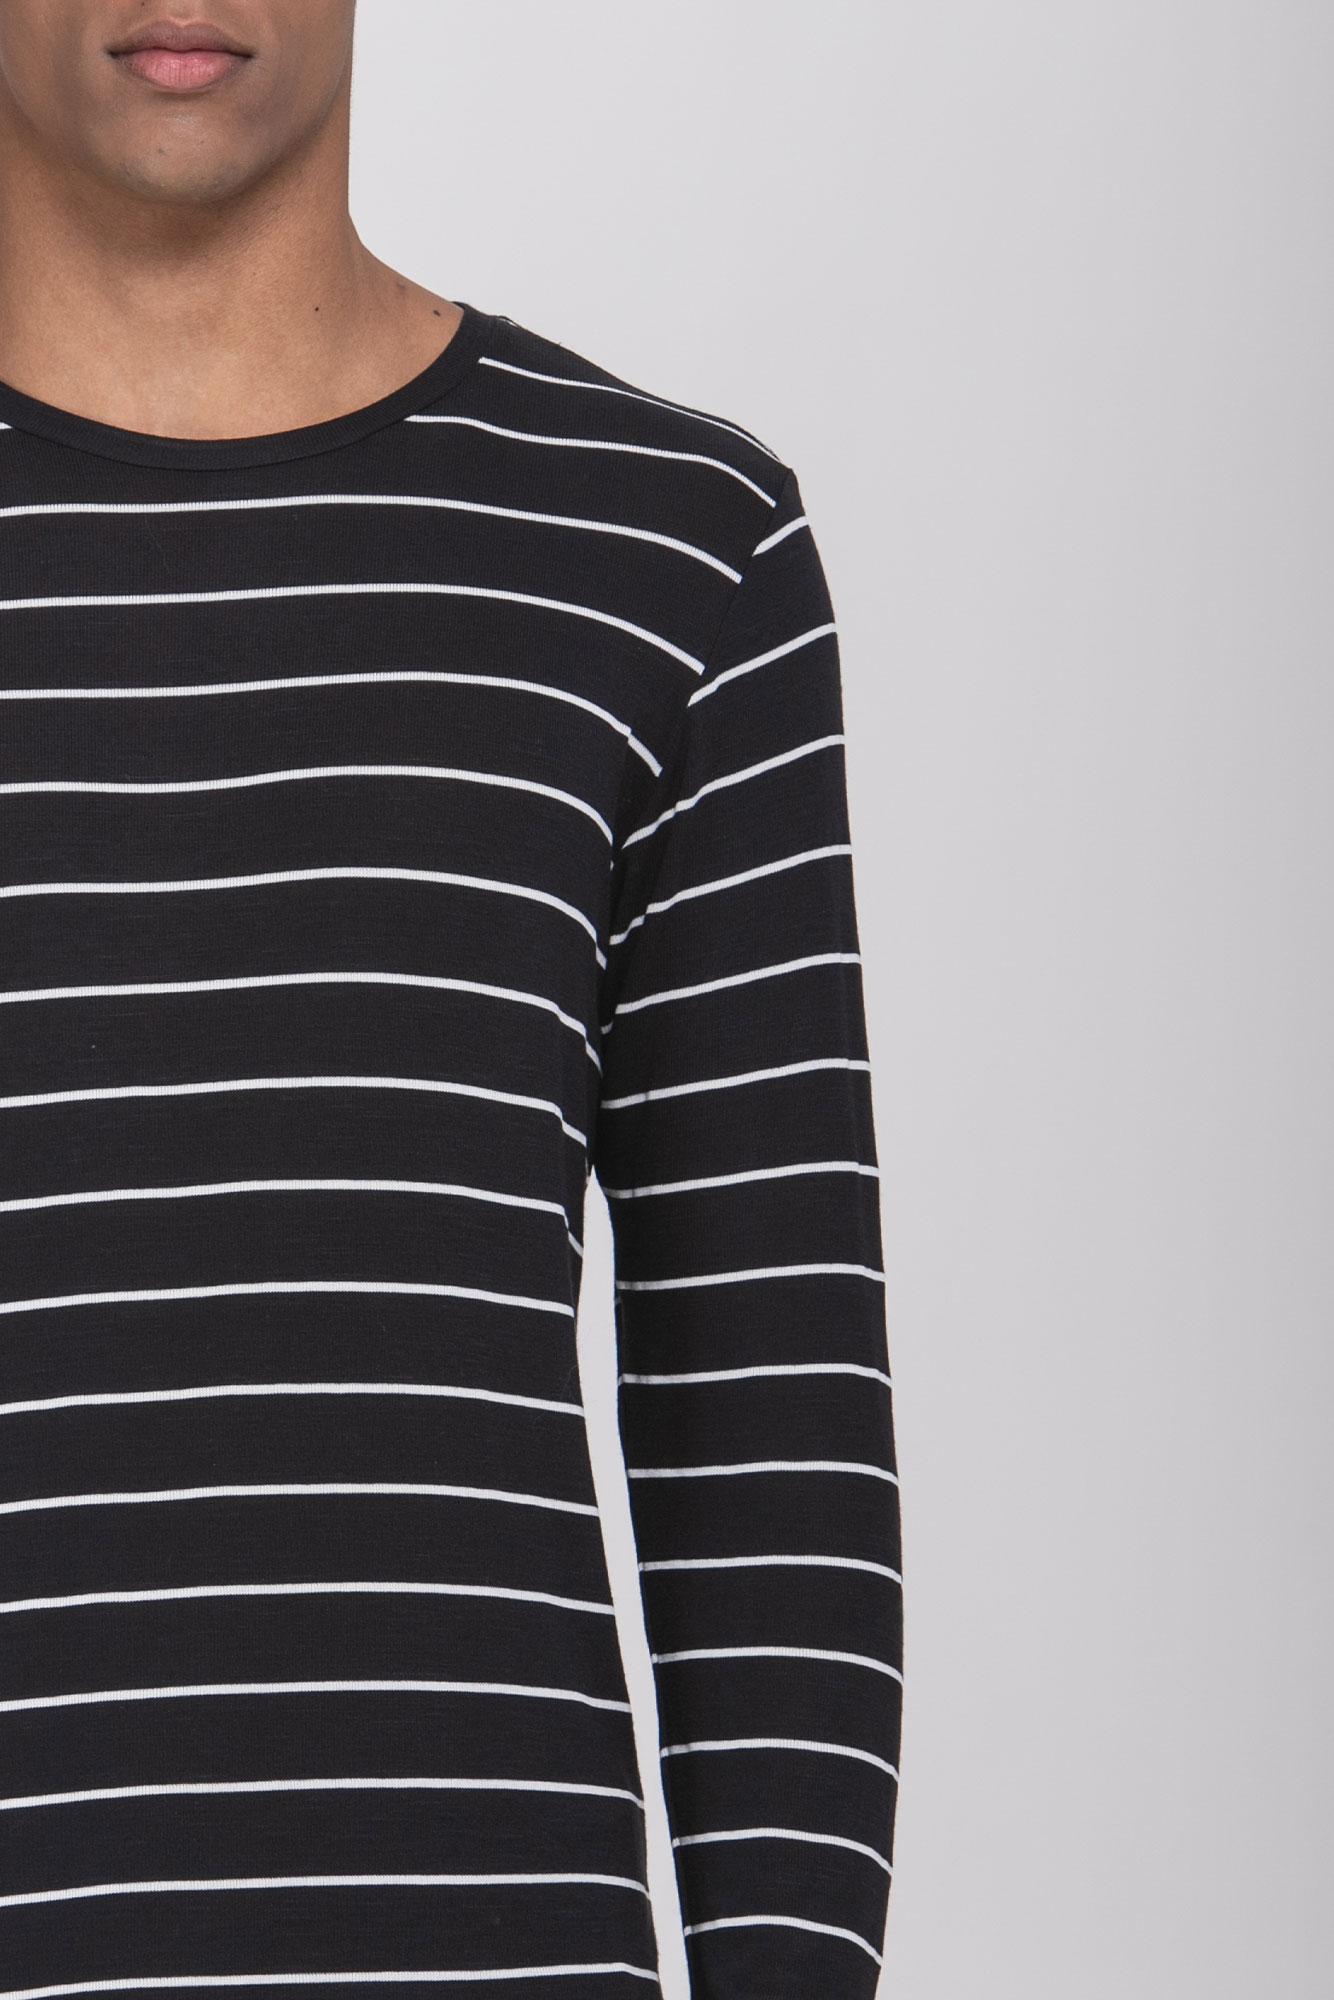 Camiseta ML Stripes